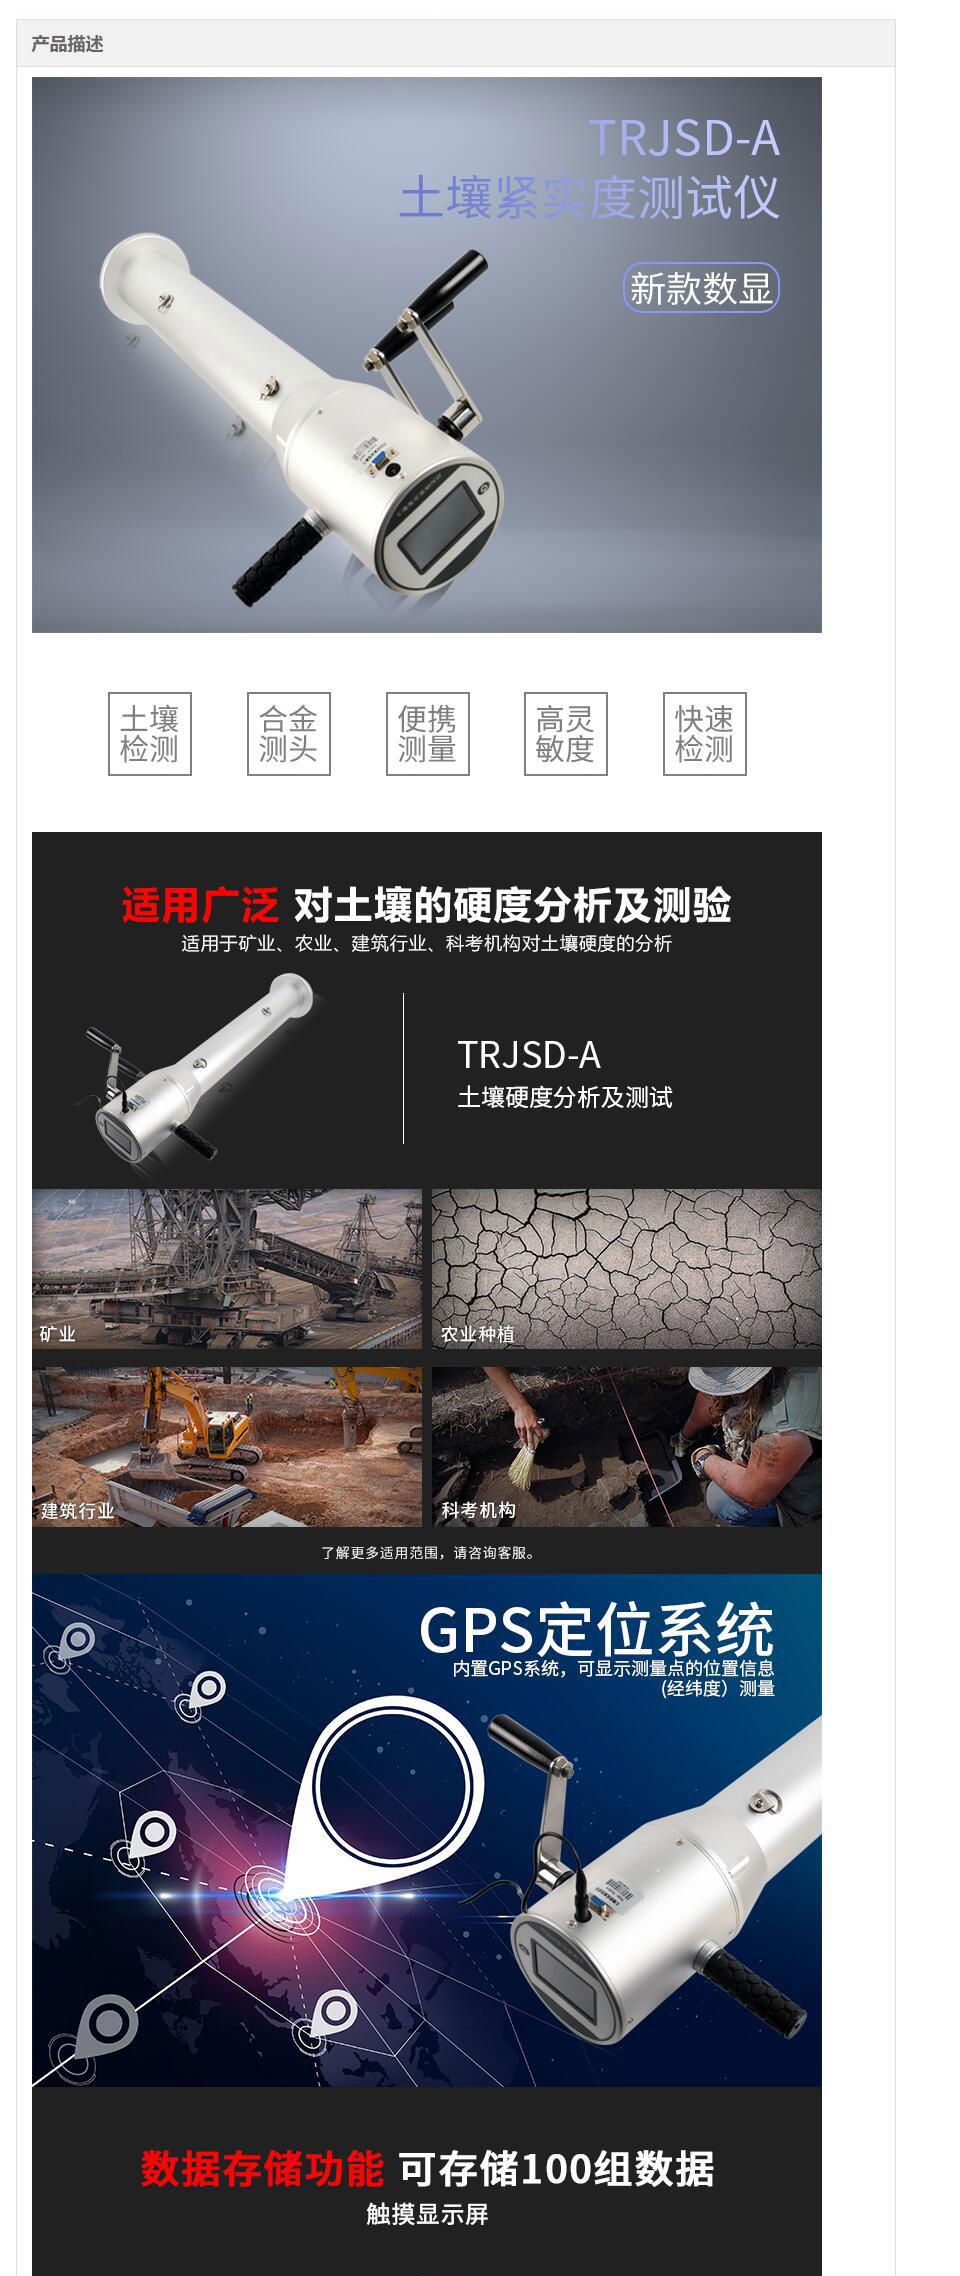 TRJSD-A土壤紧实度测试仪